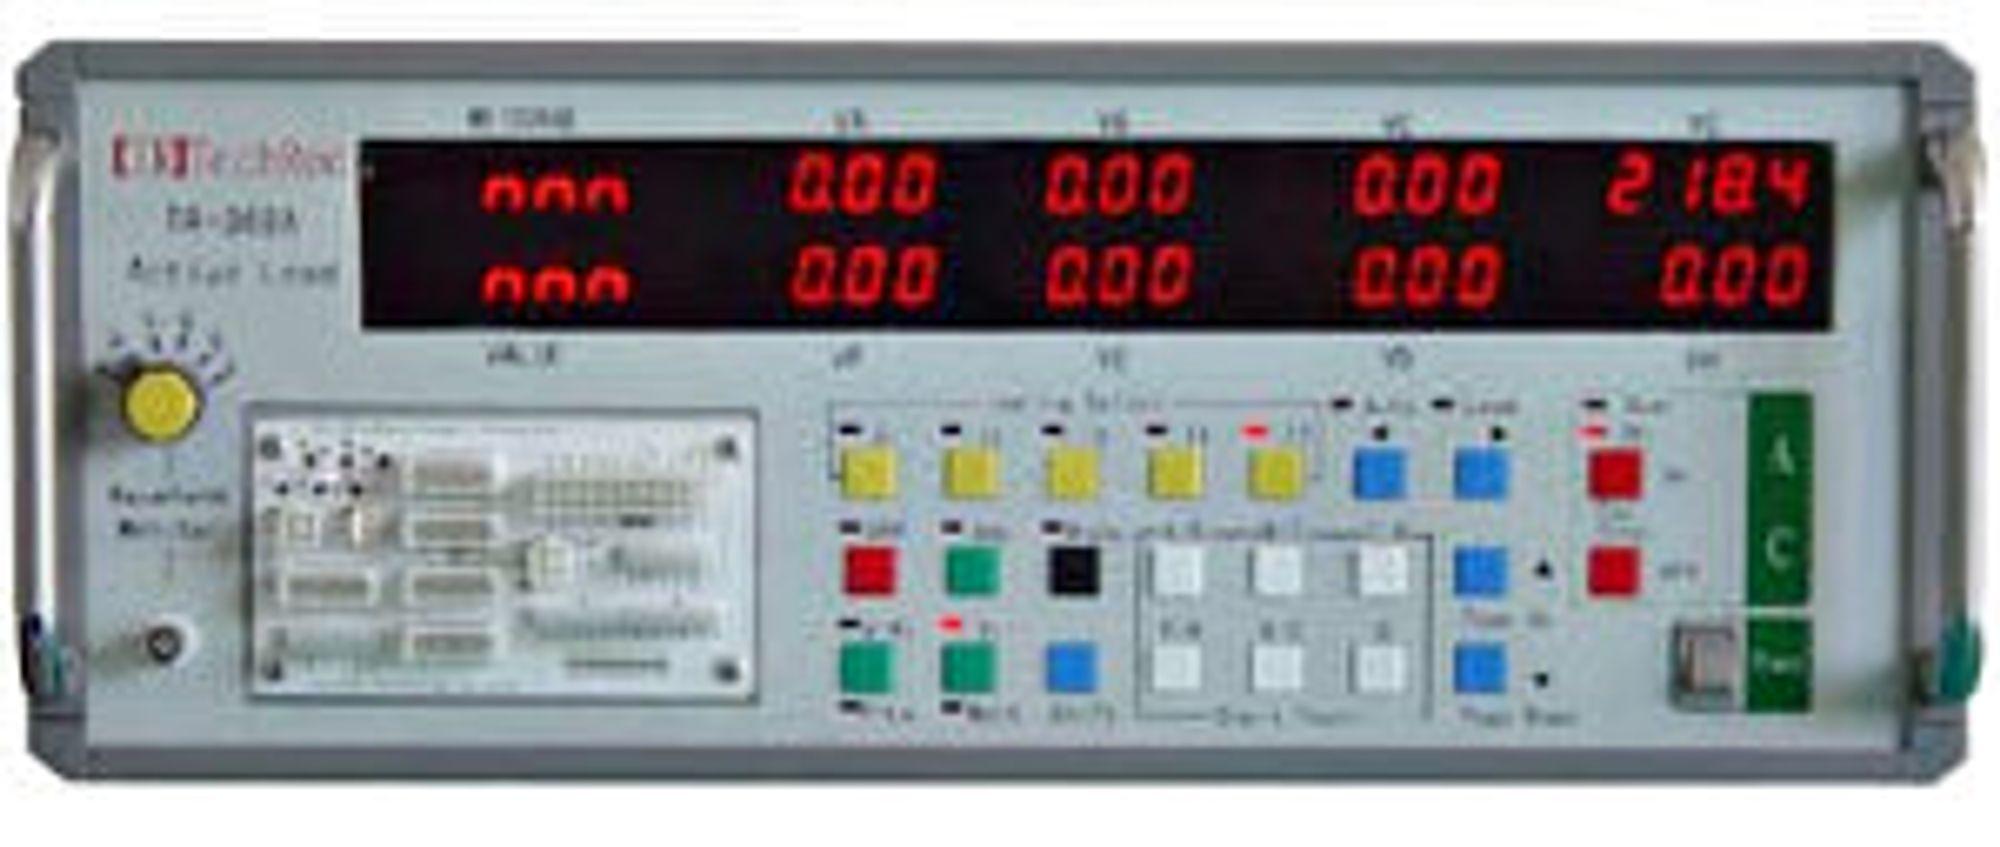 Vår testbenk for strømforsyninger - TR-368